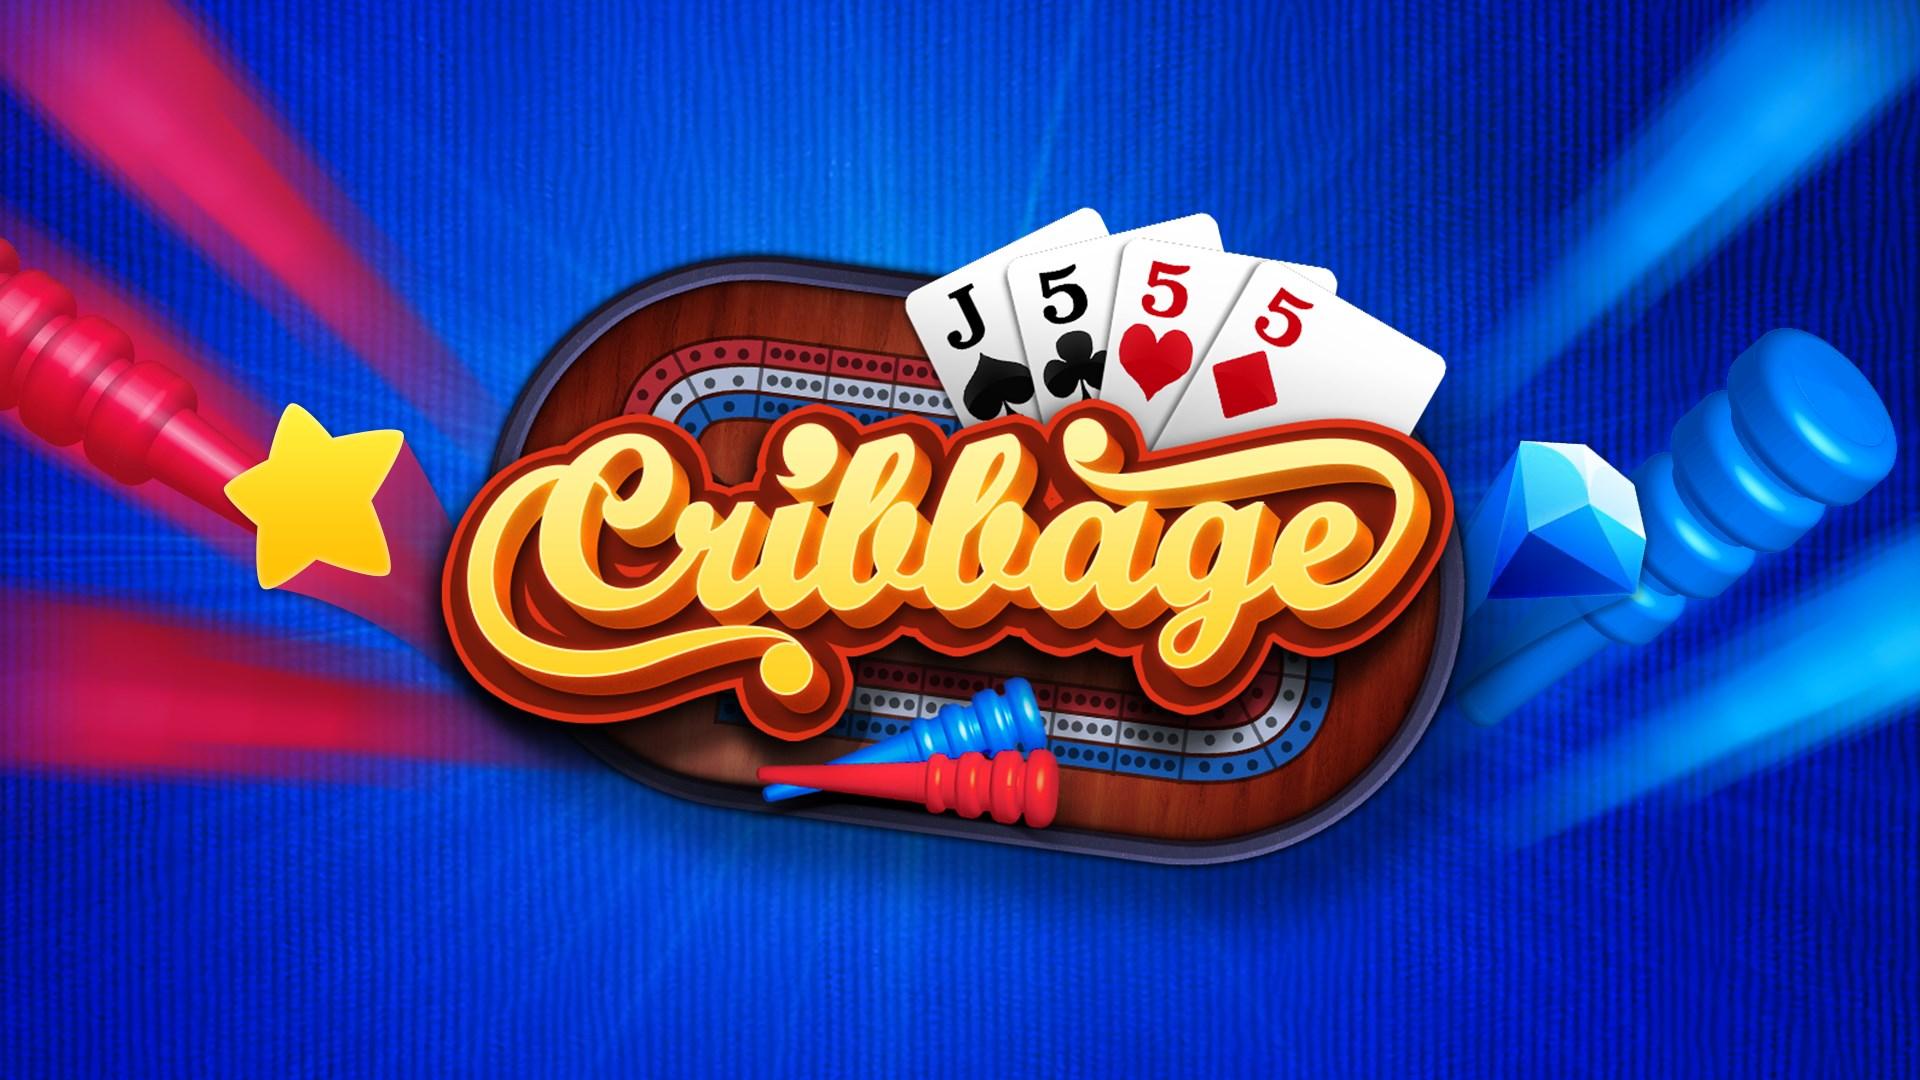 Cribbage Free!